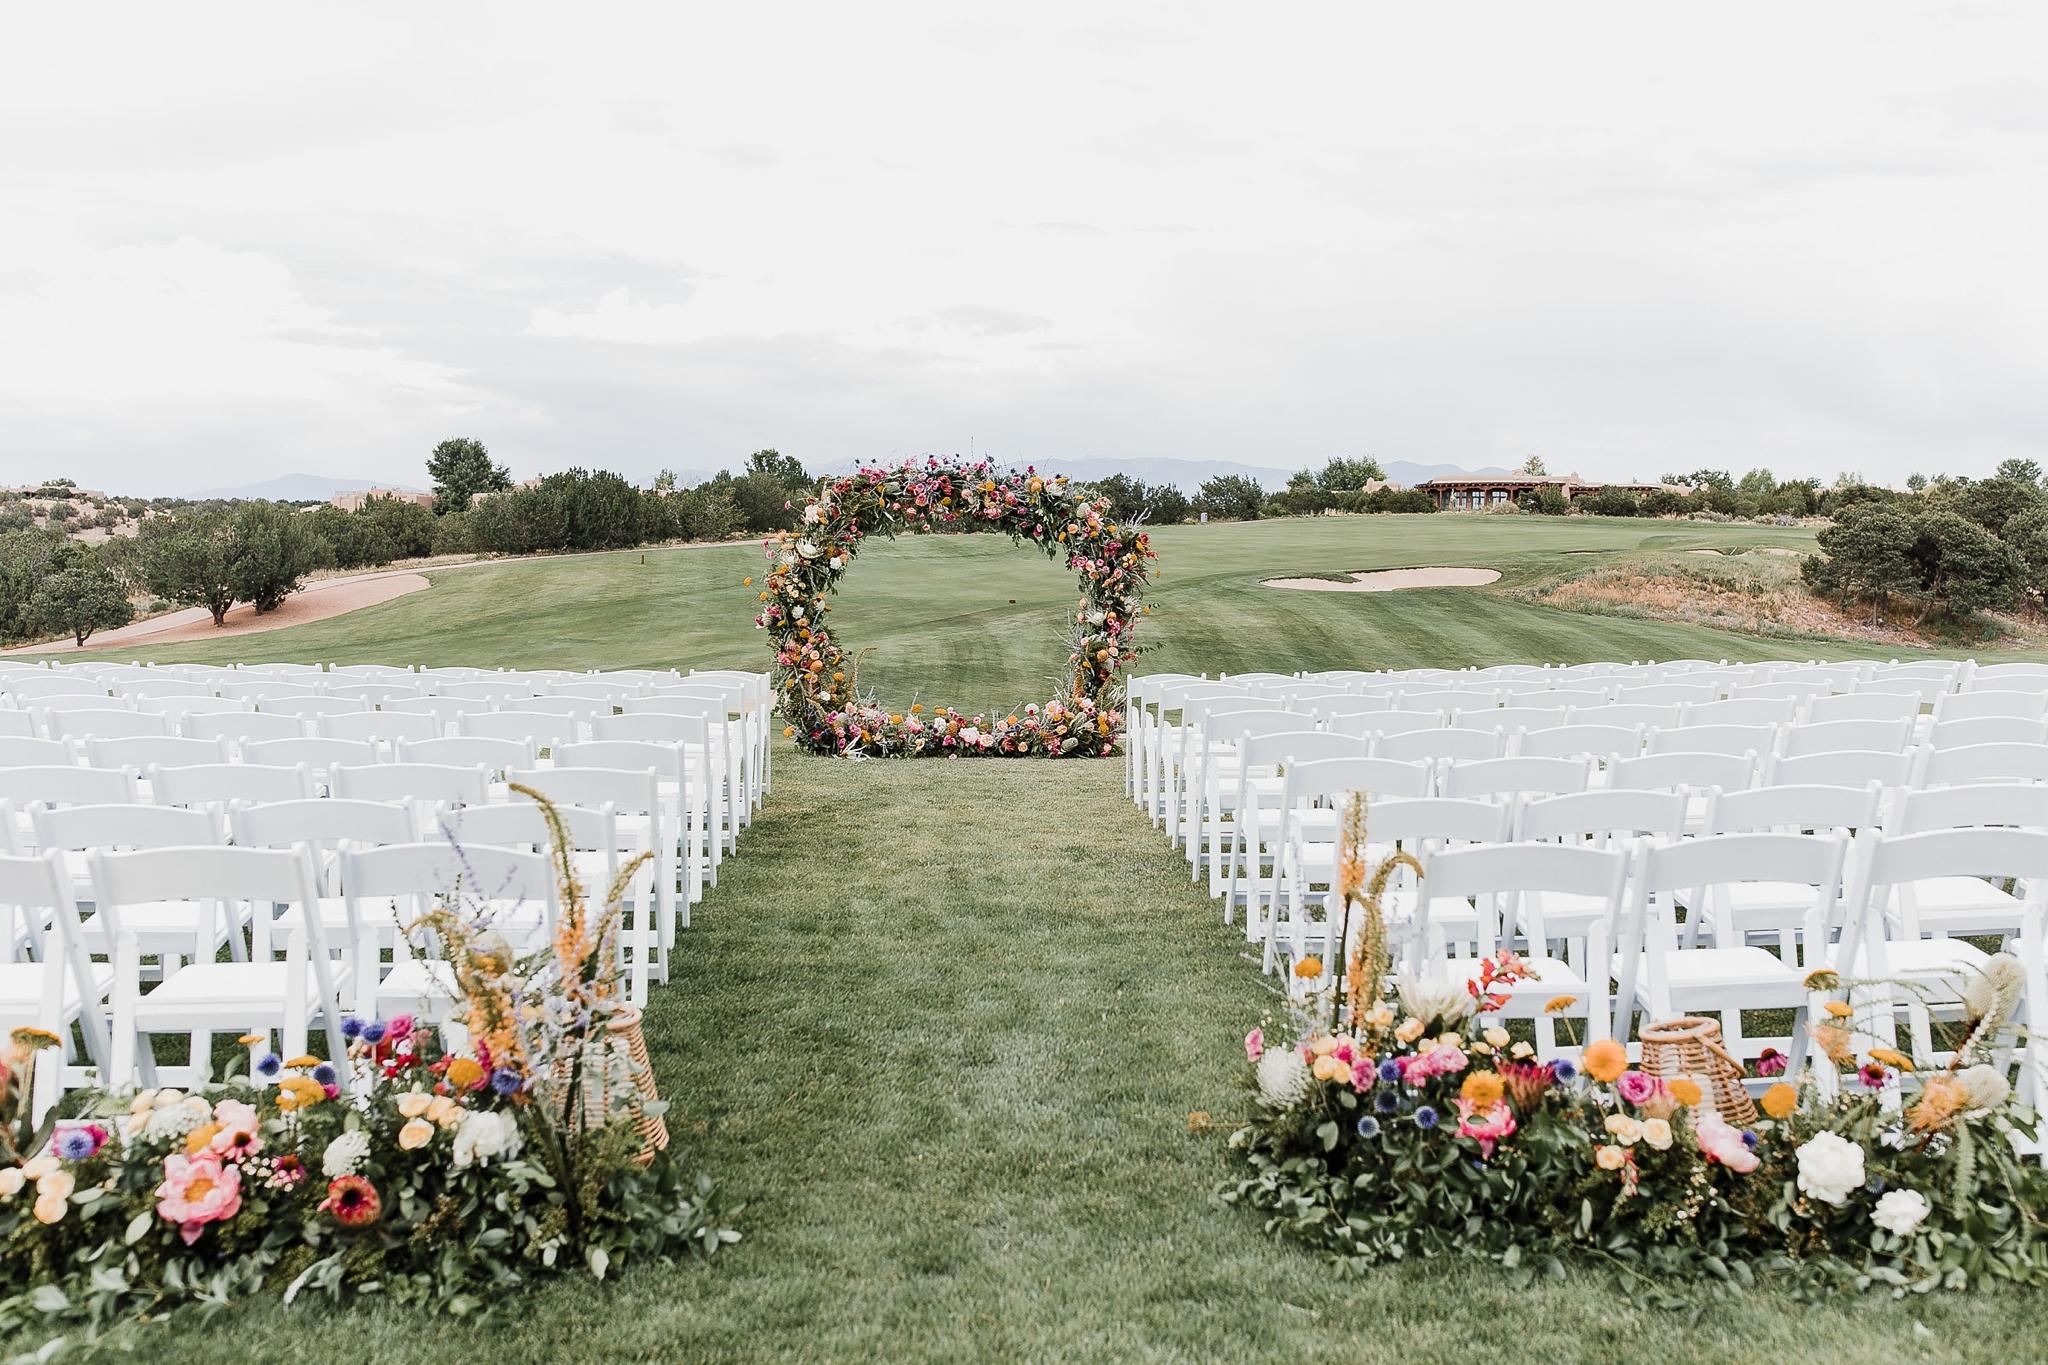 Alicia+lucia+photography+-+albuquerque+wedding+photographer+-+santa+fe+wedding+photography+-+new+mexico+wedding+photographer+-+new+mexico+wedding+-+summer+wedding+-+summer+wedding+florals+-+southwest+wedding_0069.jpg